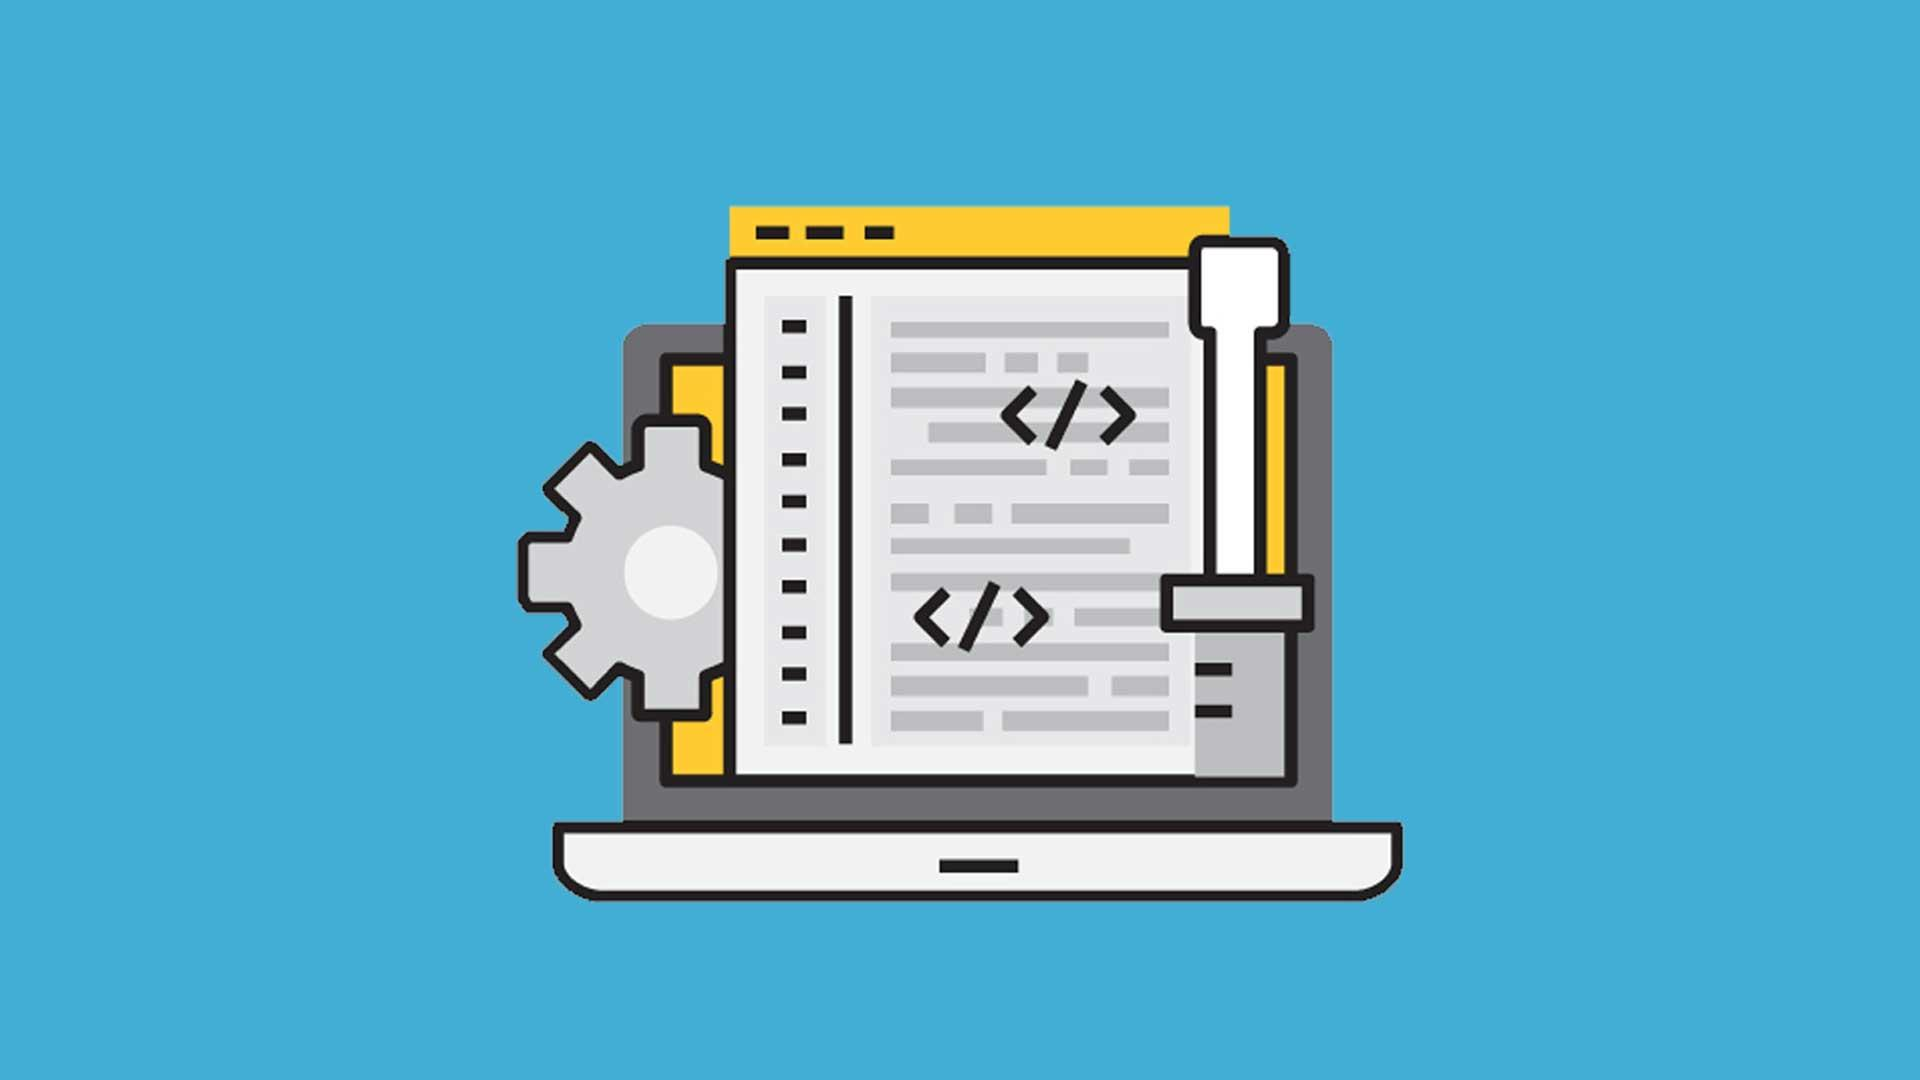 Curso de HTML5 - Preparando Ambiente de Trabalho! (Aula 02)